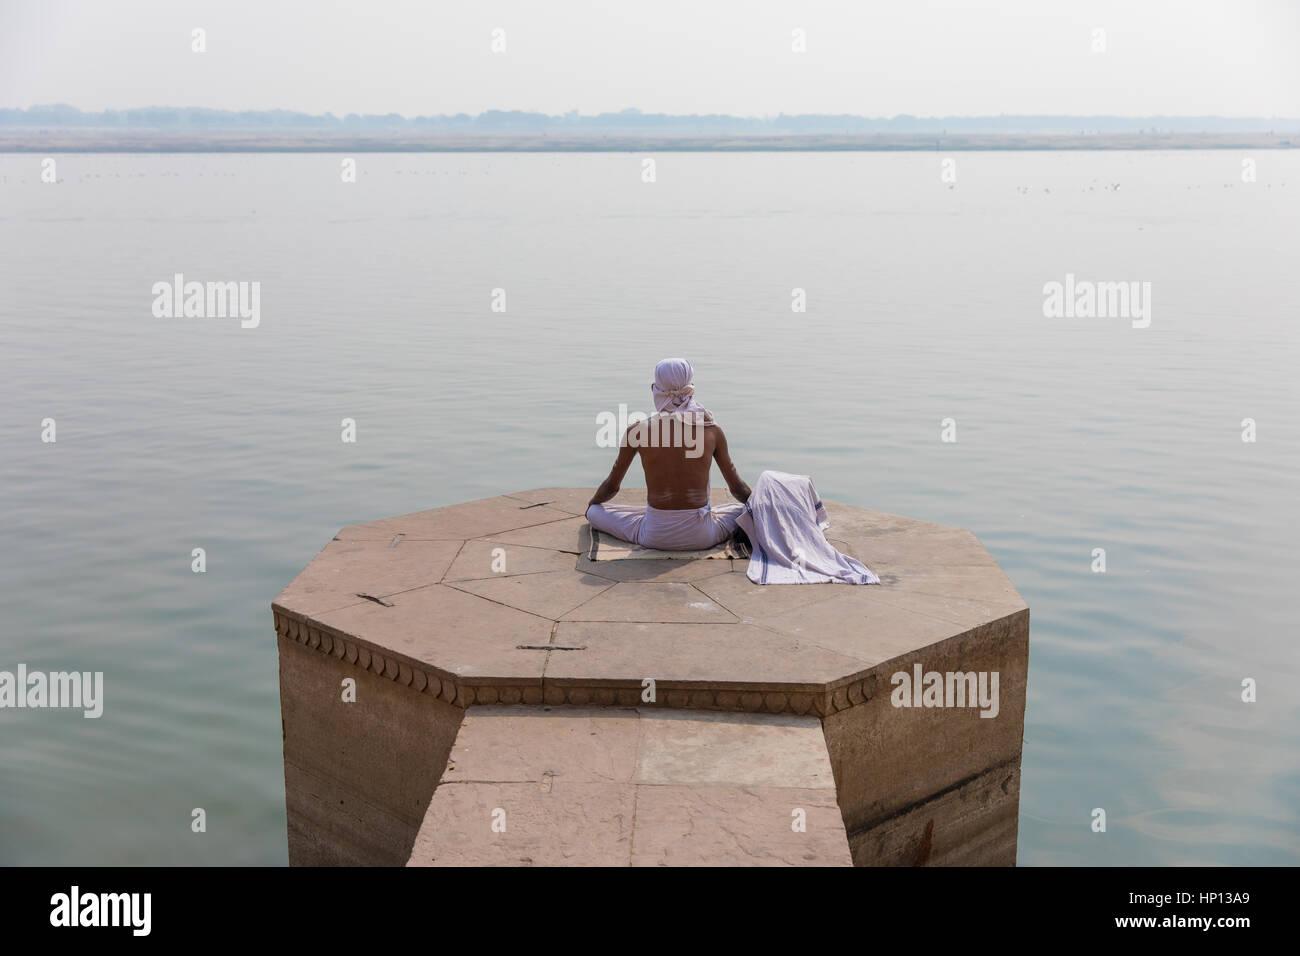 Ein Mann meditiert über den Ganges in Varanasi, eine der heiligsten Städte Indiens. Varanasi ist ein beliebtes Stockbild